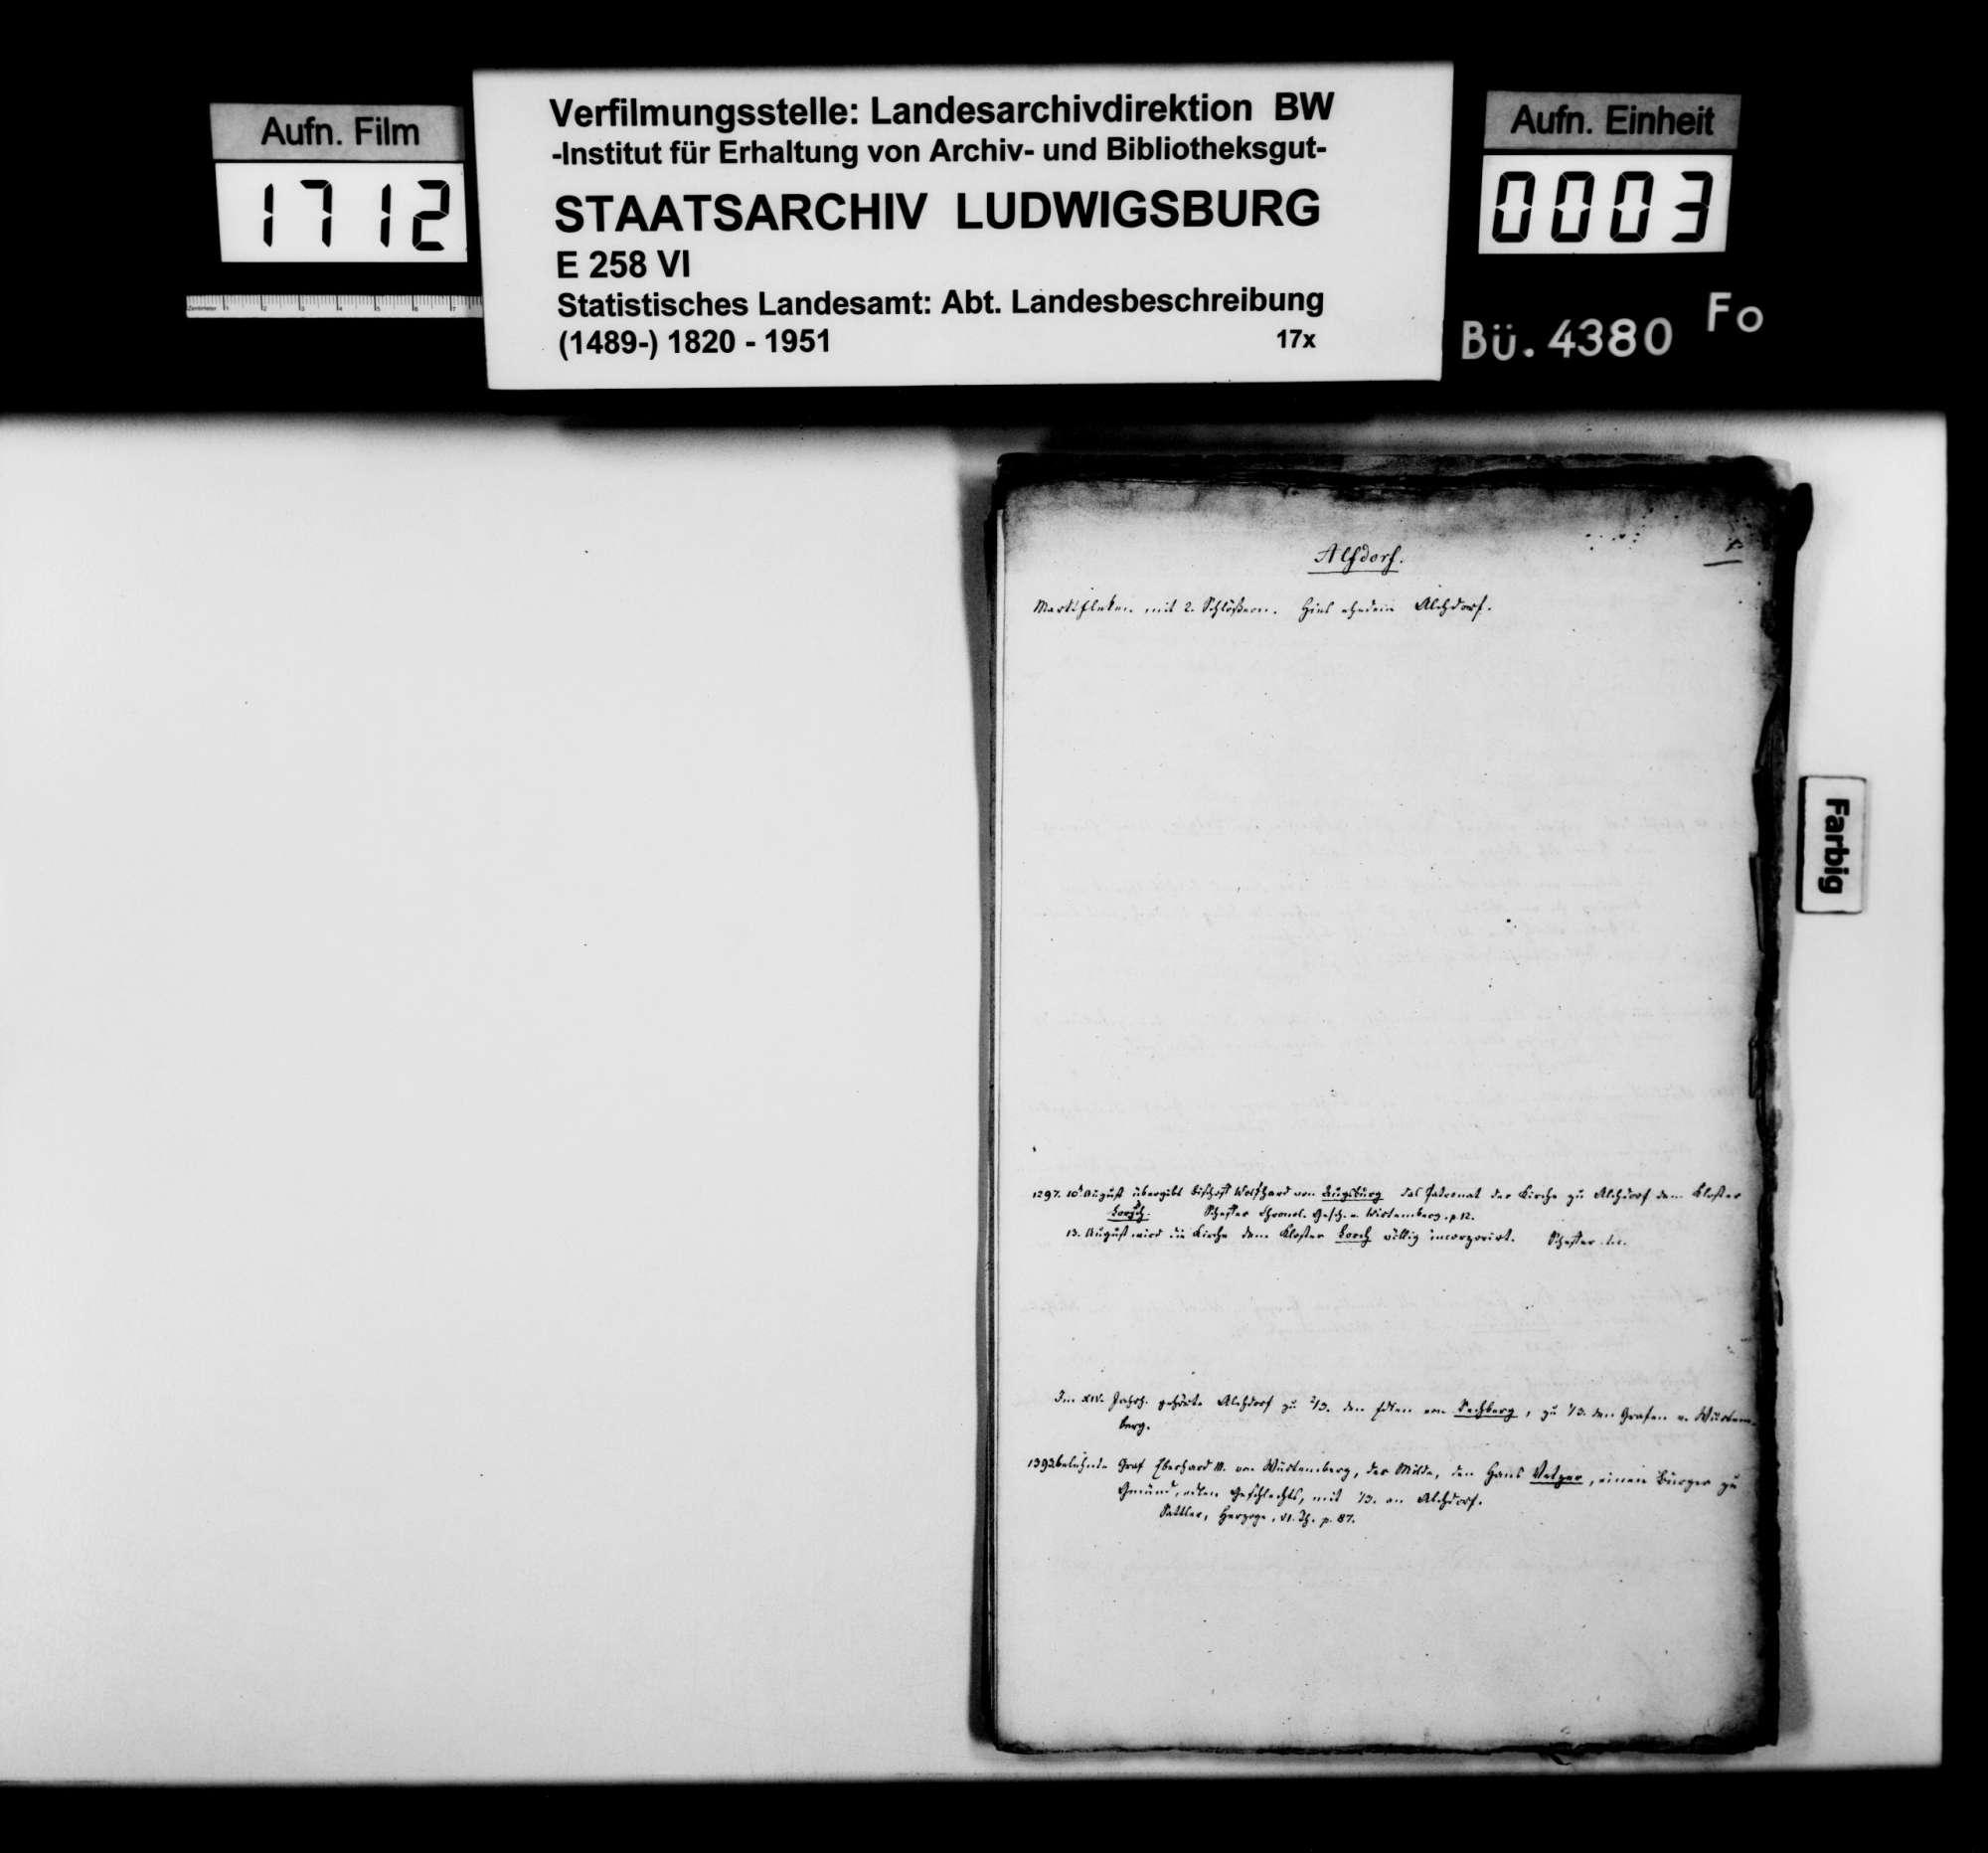 Kollektaneen des Rechtskonsulenten [Karl] von Alberti zum Adel und zu Schlössern, Burgen und Ruinen im Oberamt, Bild 2